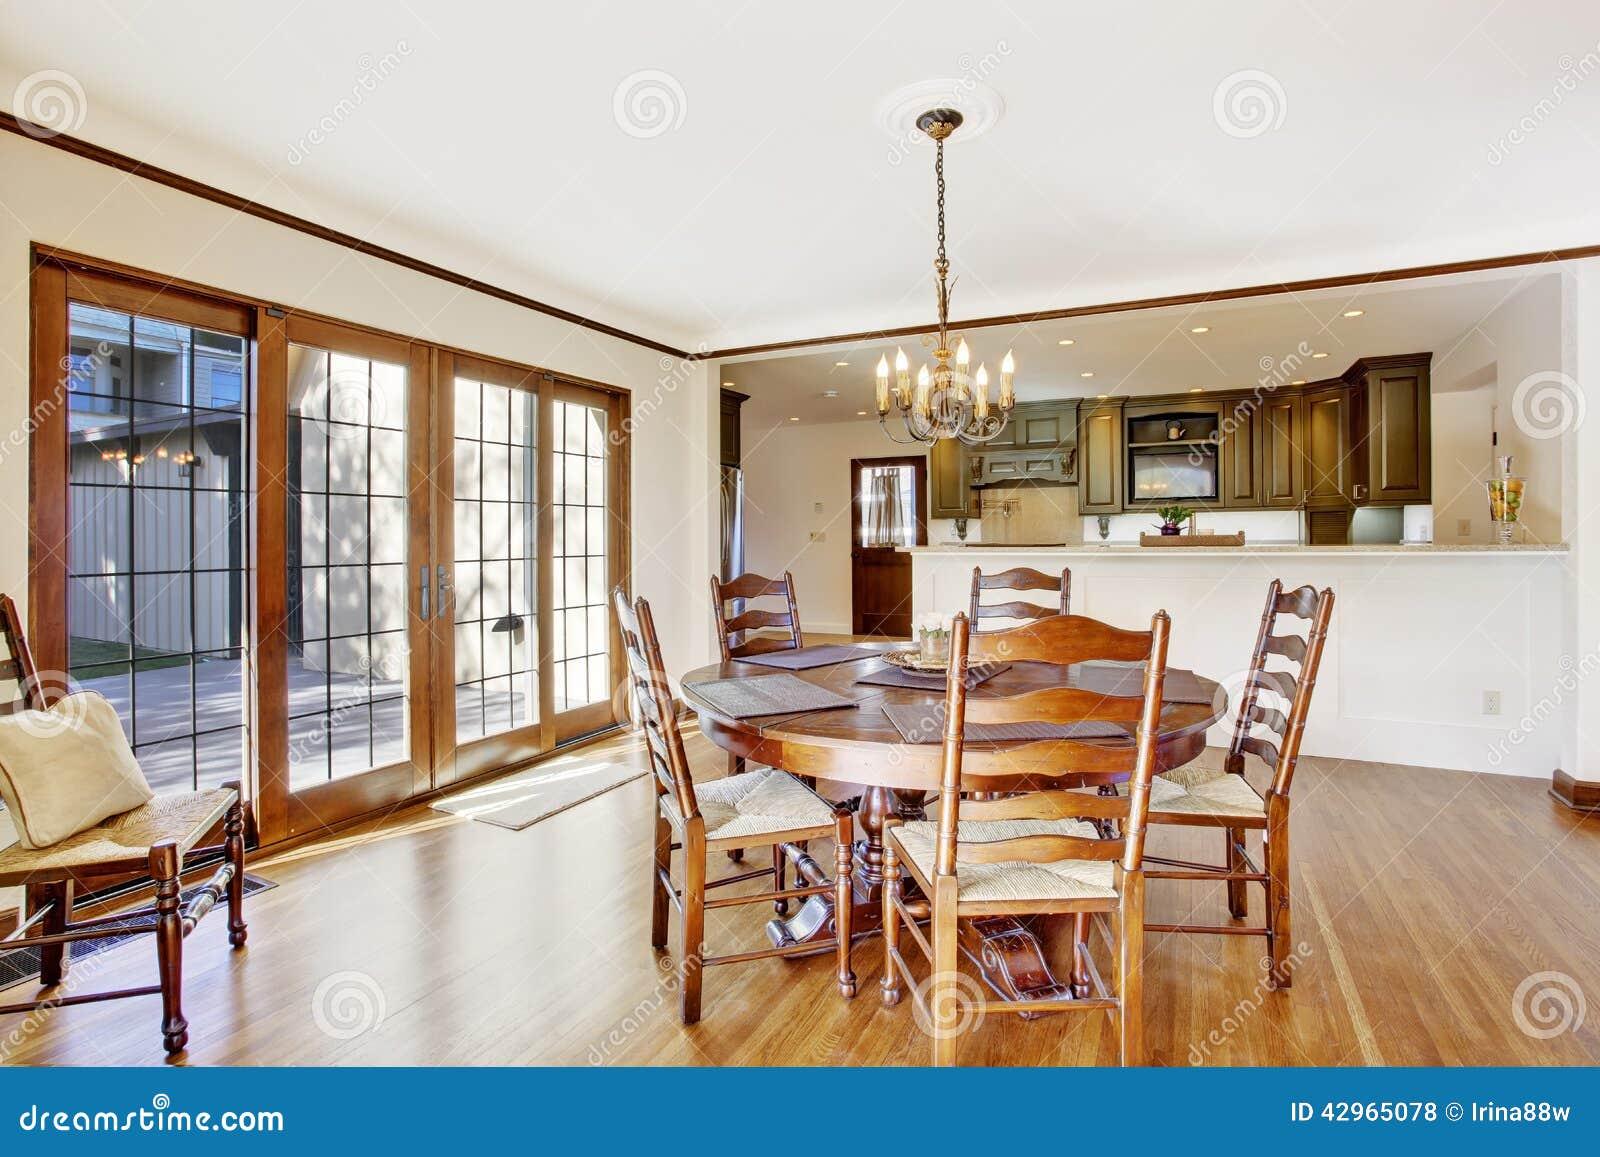 Sala De Jantar Luxuosa ~ Sala De Jantar Luxuosa Com Mesa Redonda E Cadeiras Foto de Stock